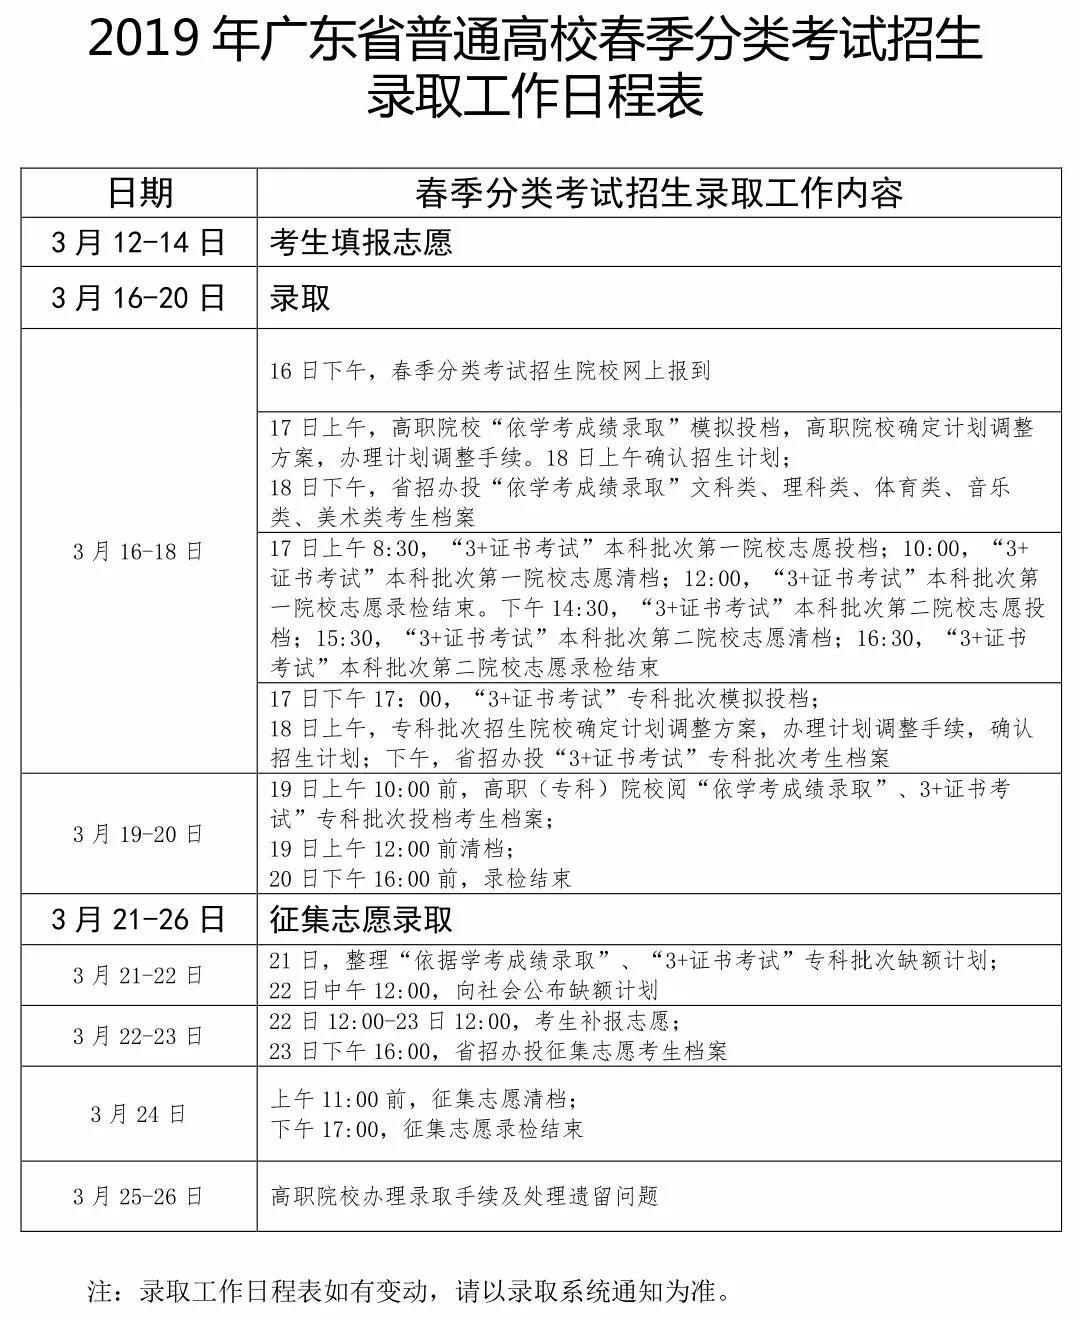 2019年广东省普通高等学校春季分类考试招生录取指南